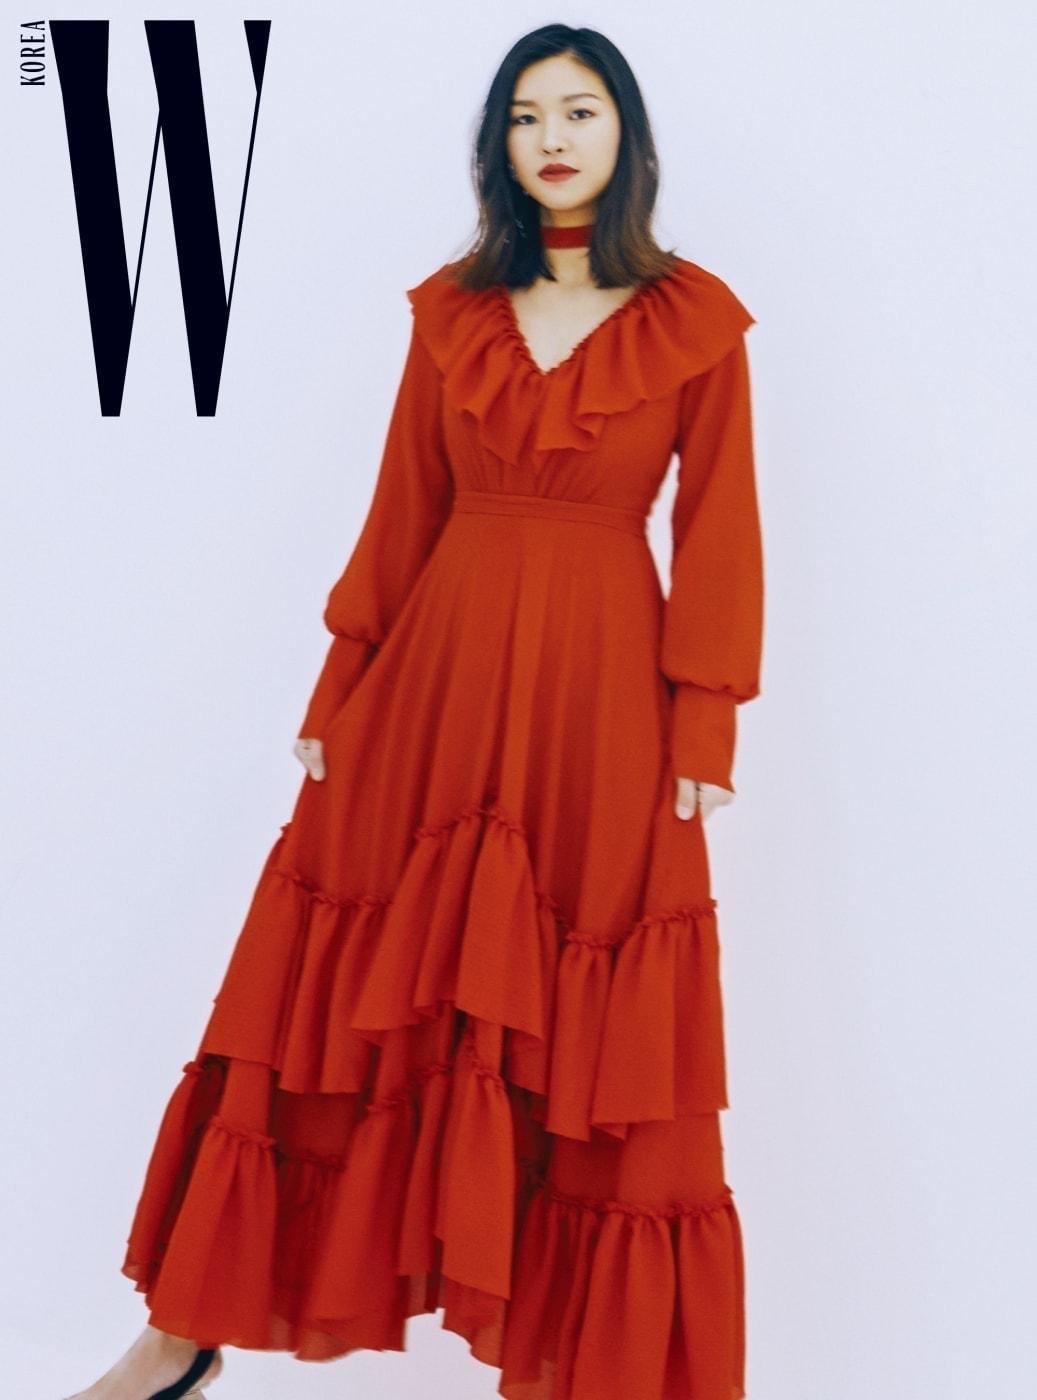 붉은색 티어드 드레스는 레지나 표 제품.